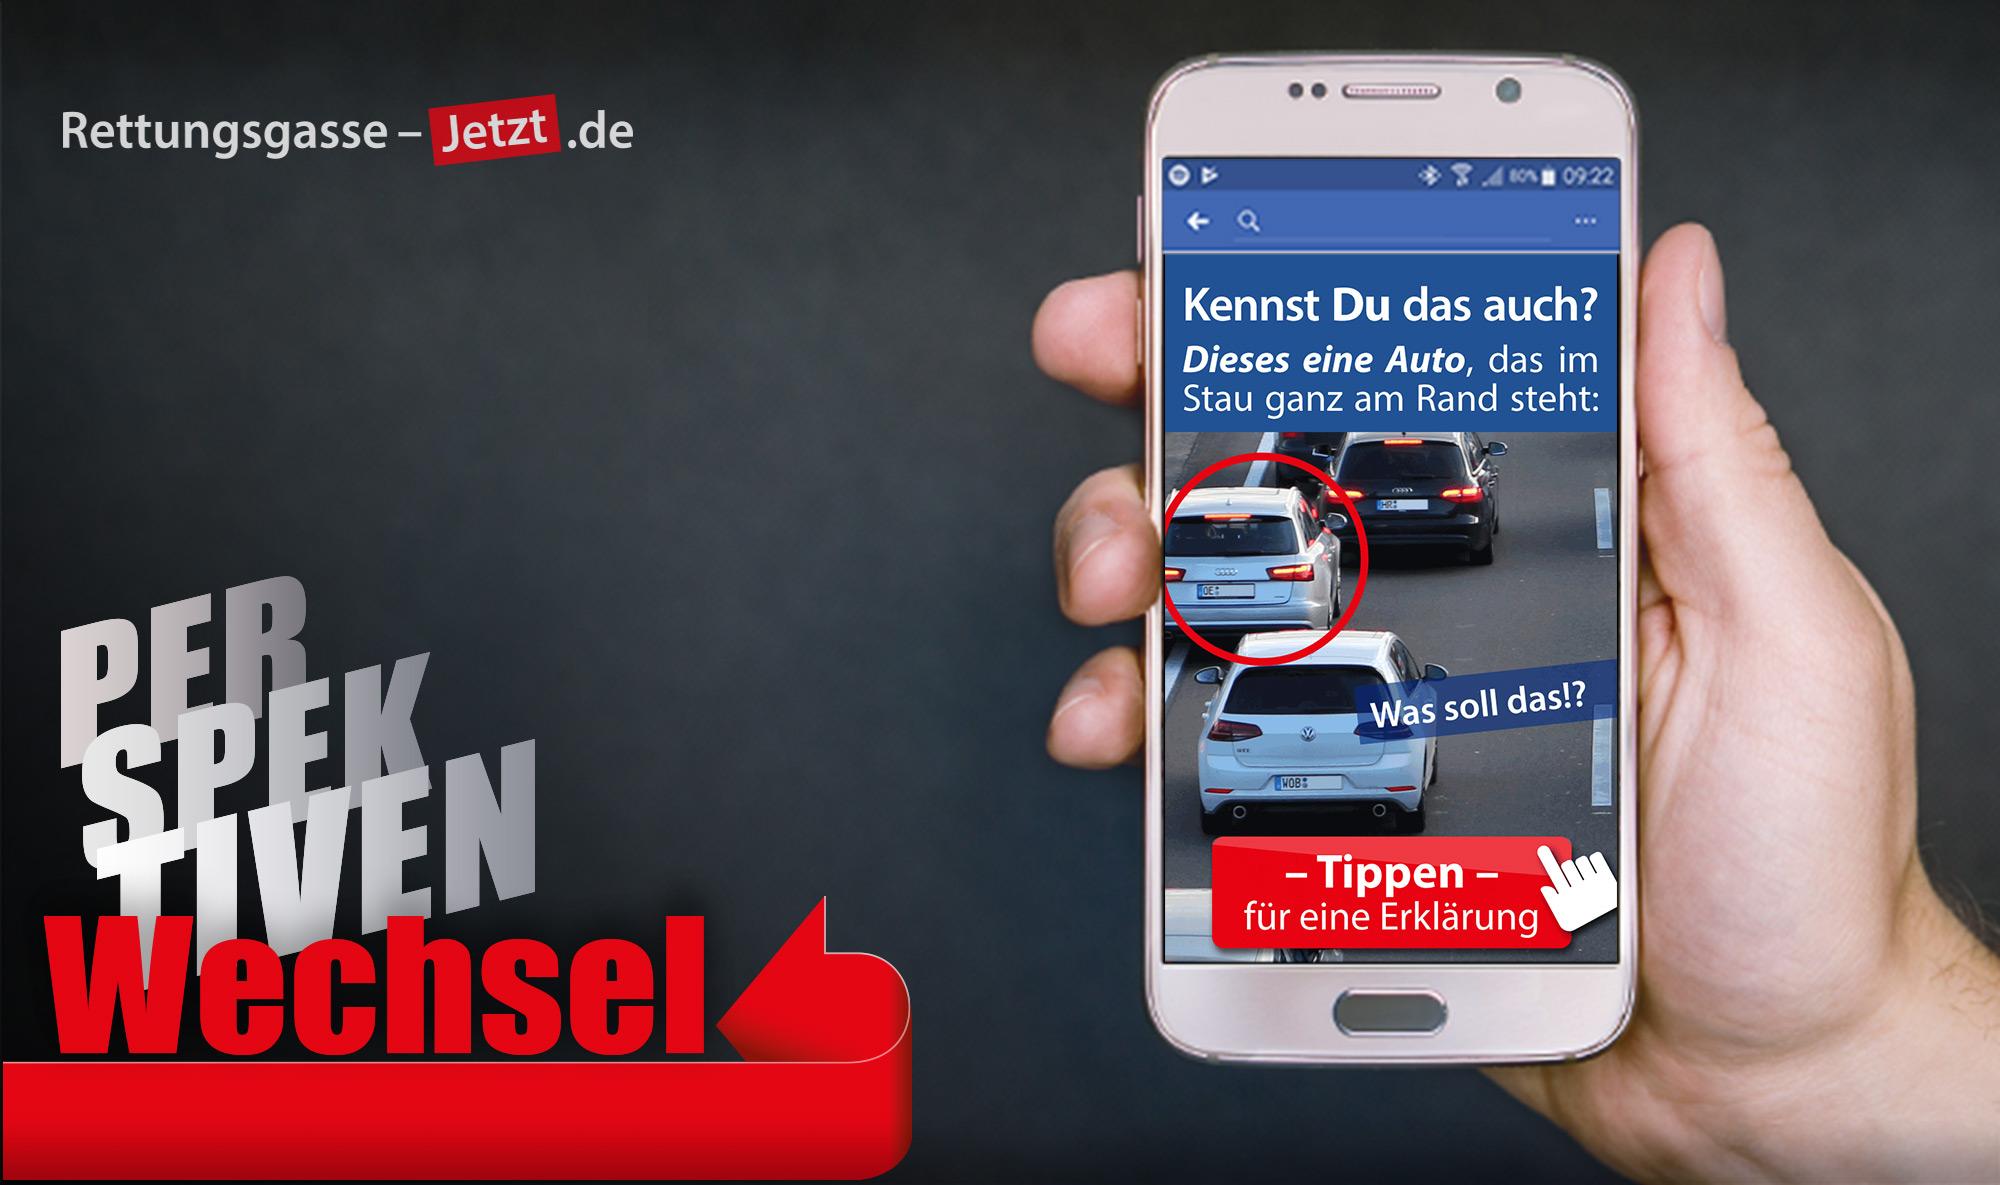 """Kampagnen-Bild: Das Logo """"Perspektivenwechsel"""" und ein Smartphone mit einem Socialmedia-Beitrag leitet eine neue Strategie ein."""